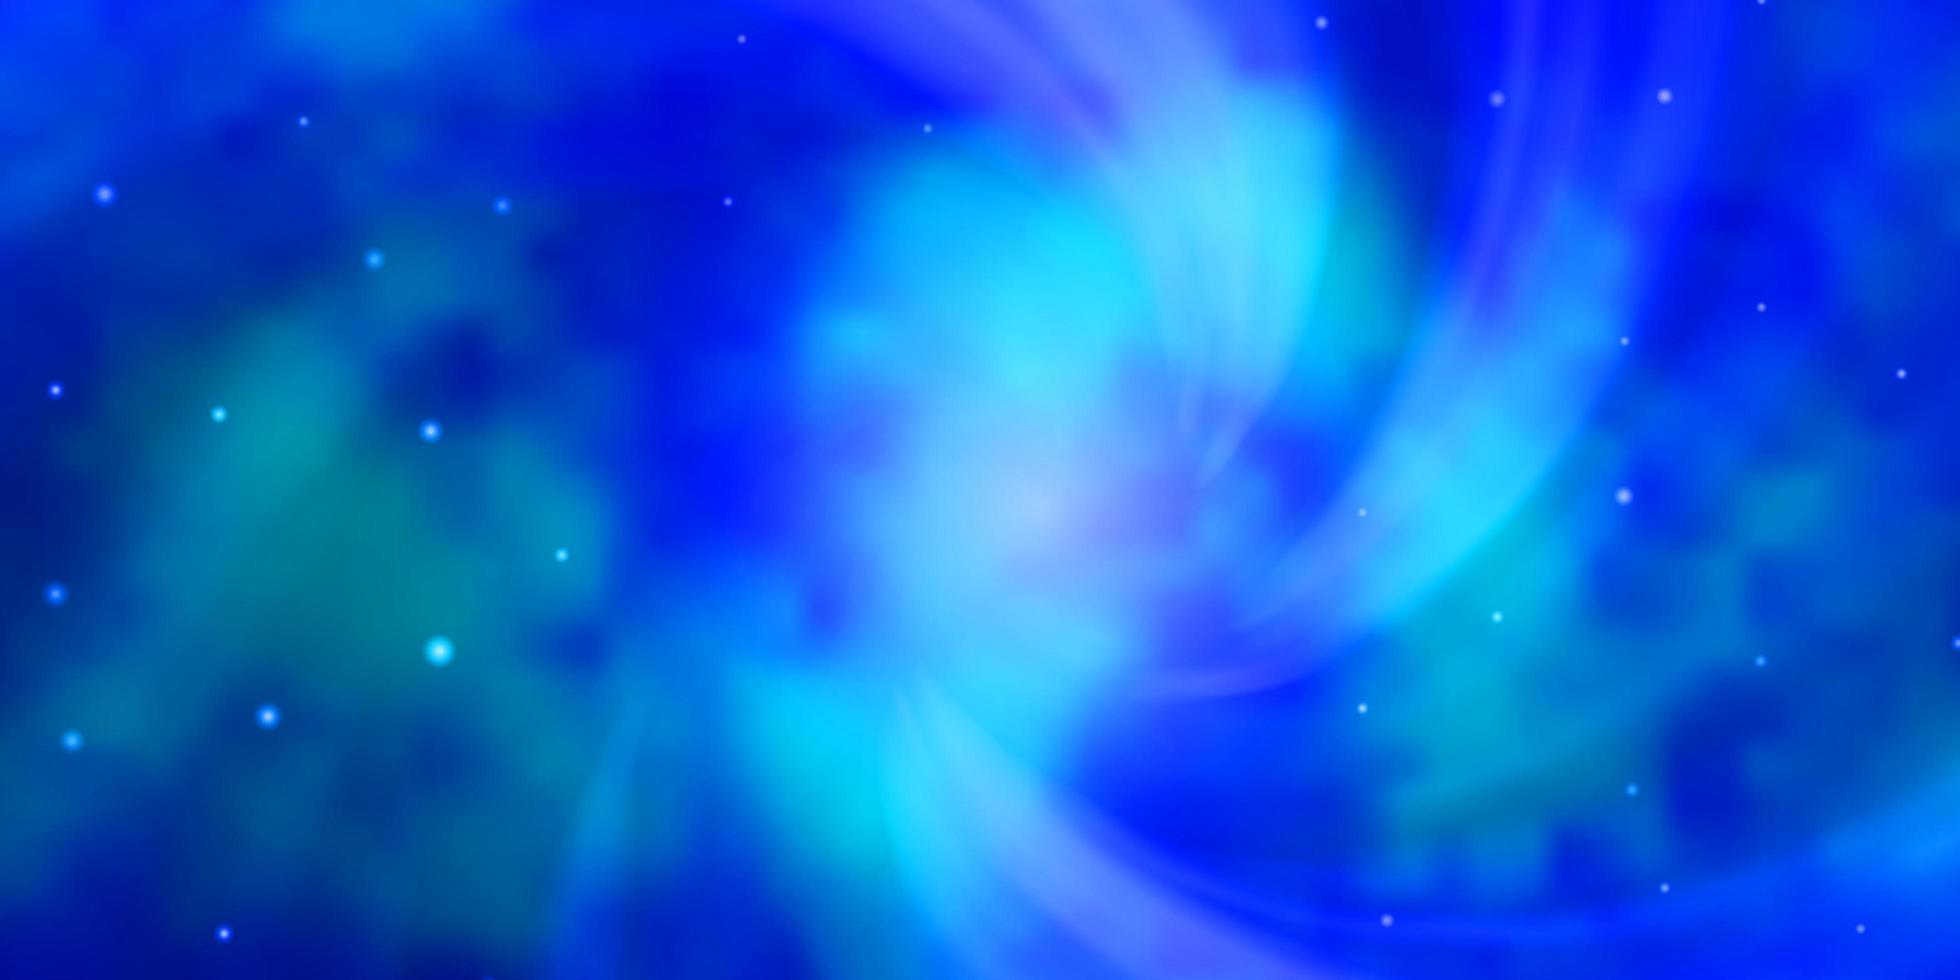 padrão de vetor azul claro com estrelas abstratas.